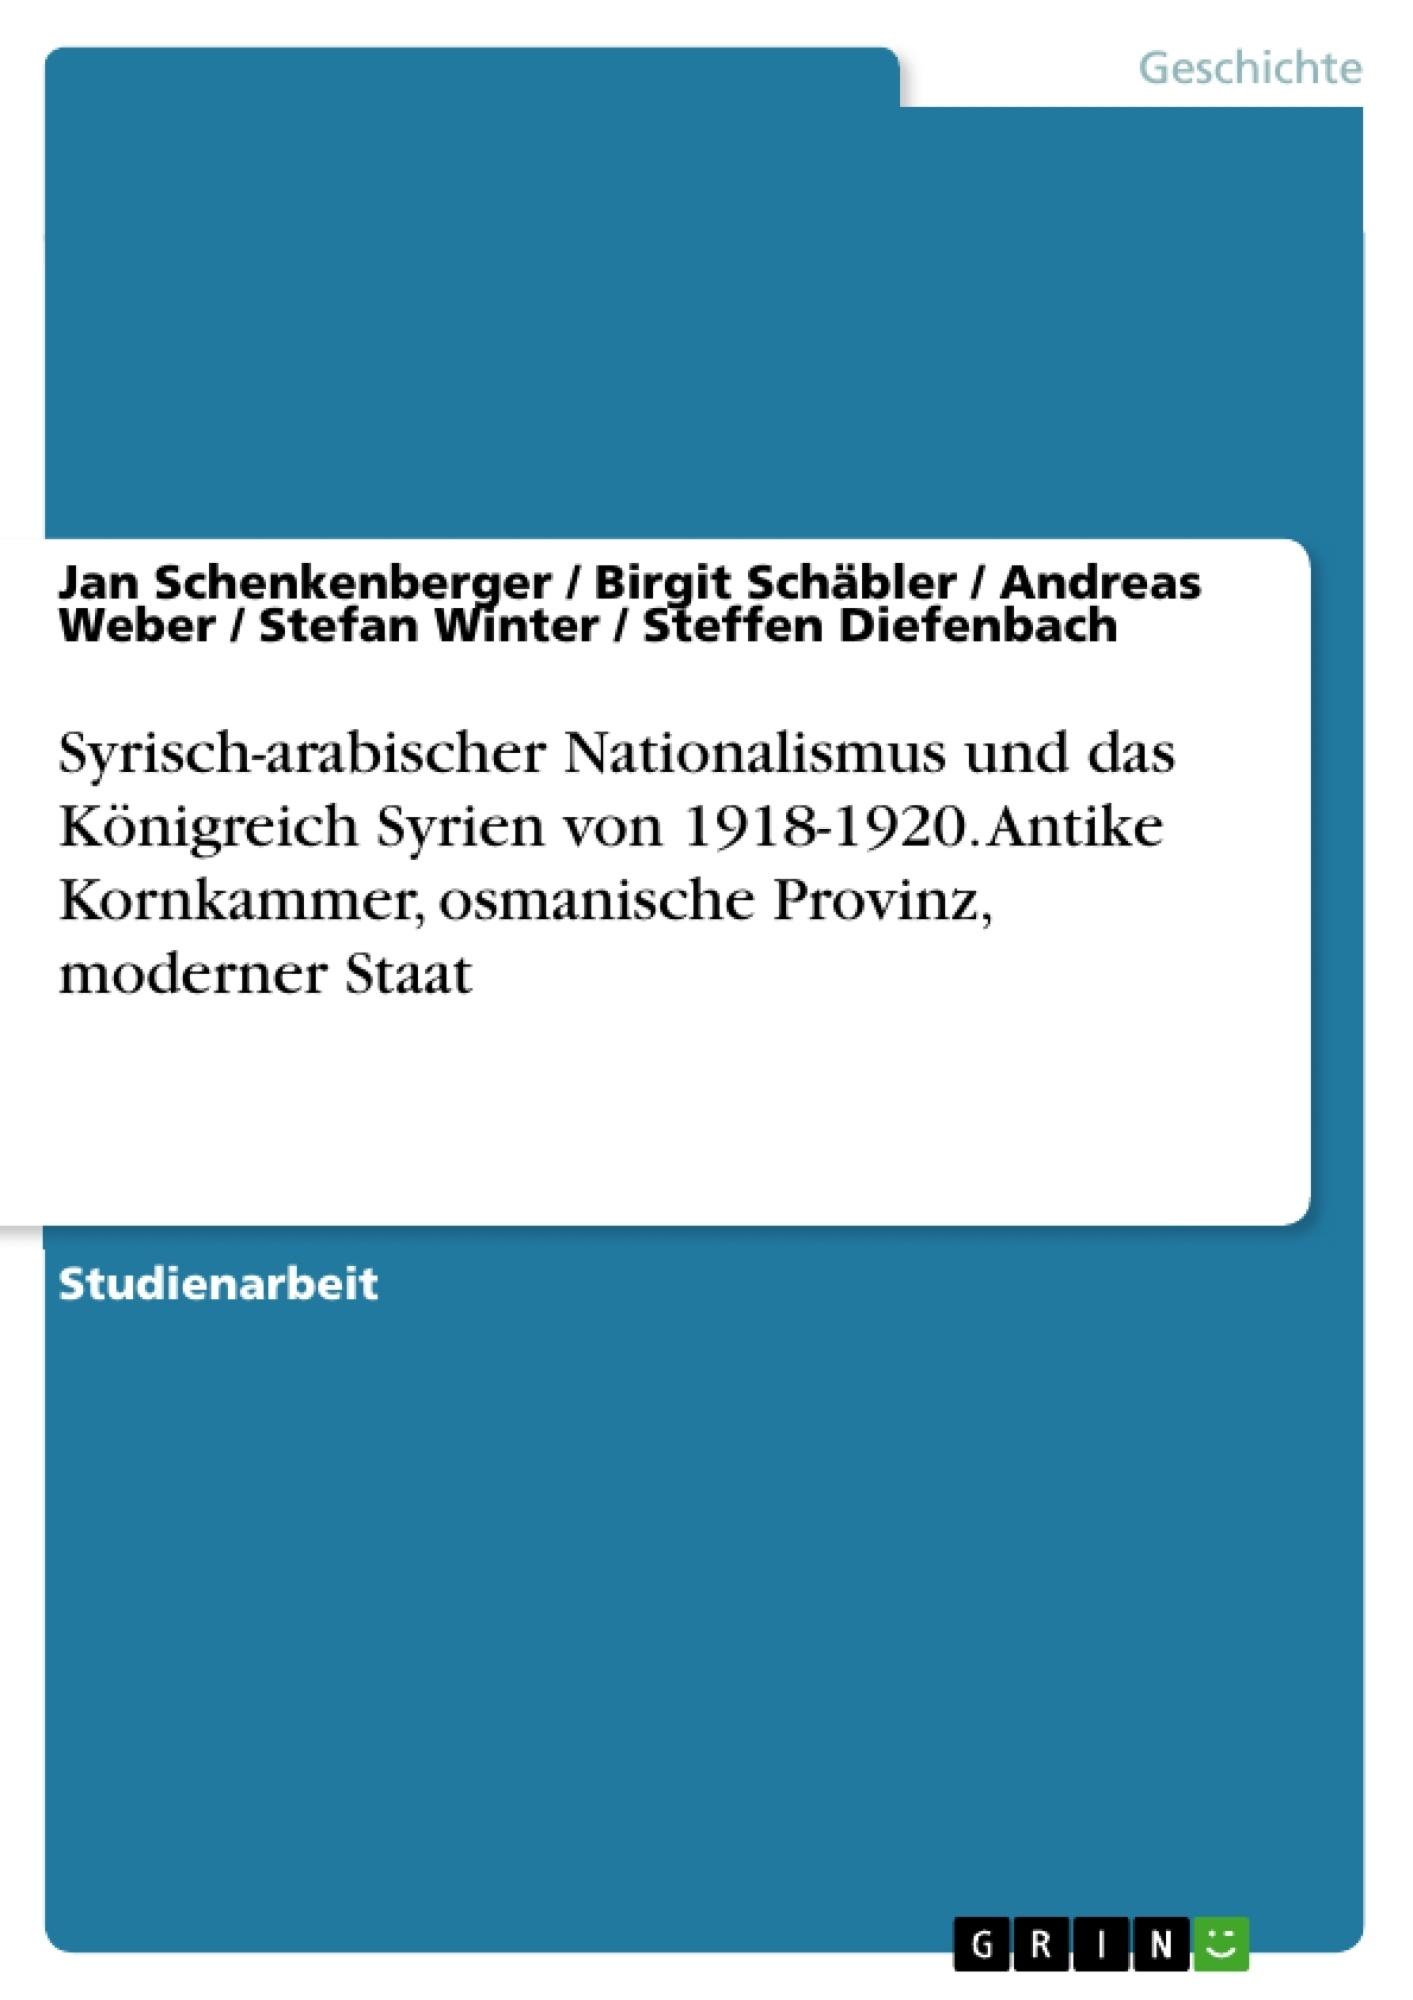 Titel: Syrisch-arabischer Nationalismus und das Königreich Syrien von 1918-1920. Antike Kornkammer, osmanische Provinz, moderner Staat